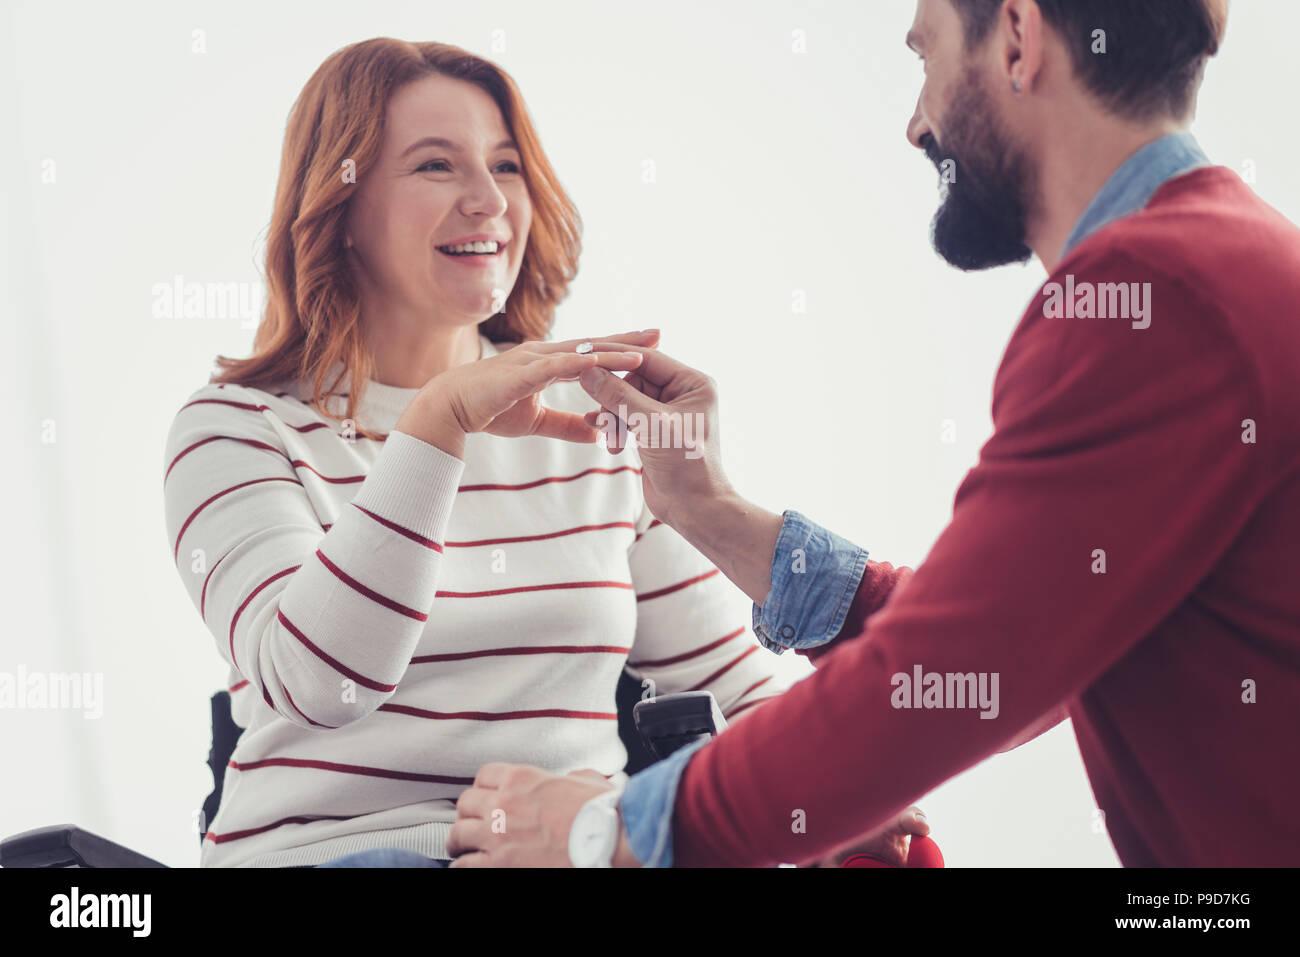 Jeune femme à la recherche heureux lors de l'obtention d'une proposition de son petit ami romantique Photo Stock